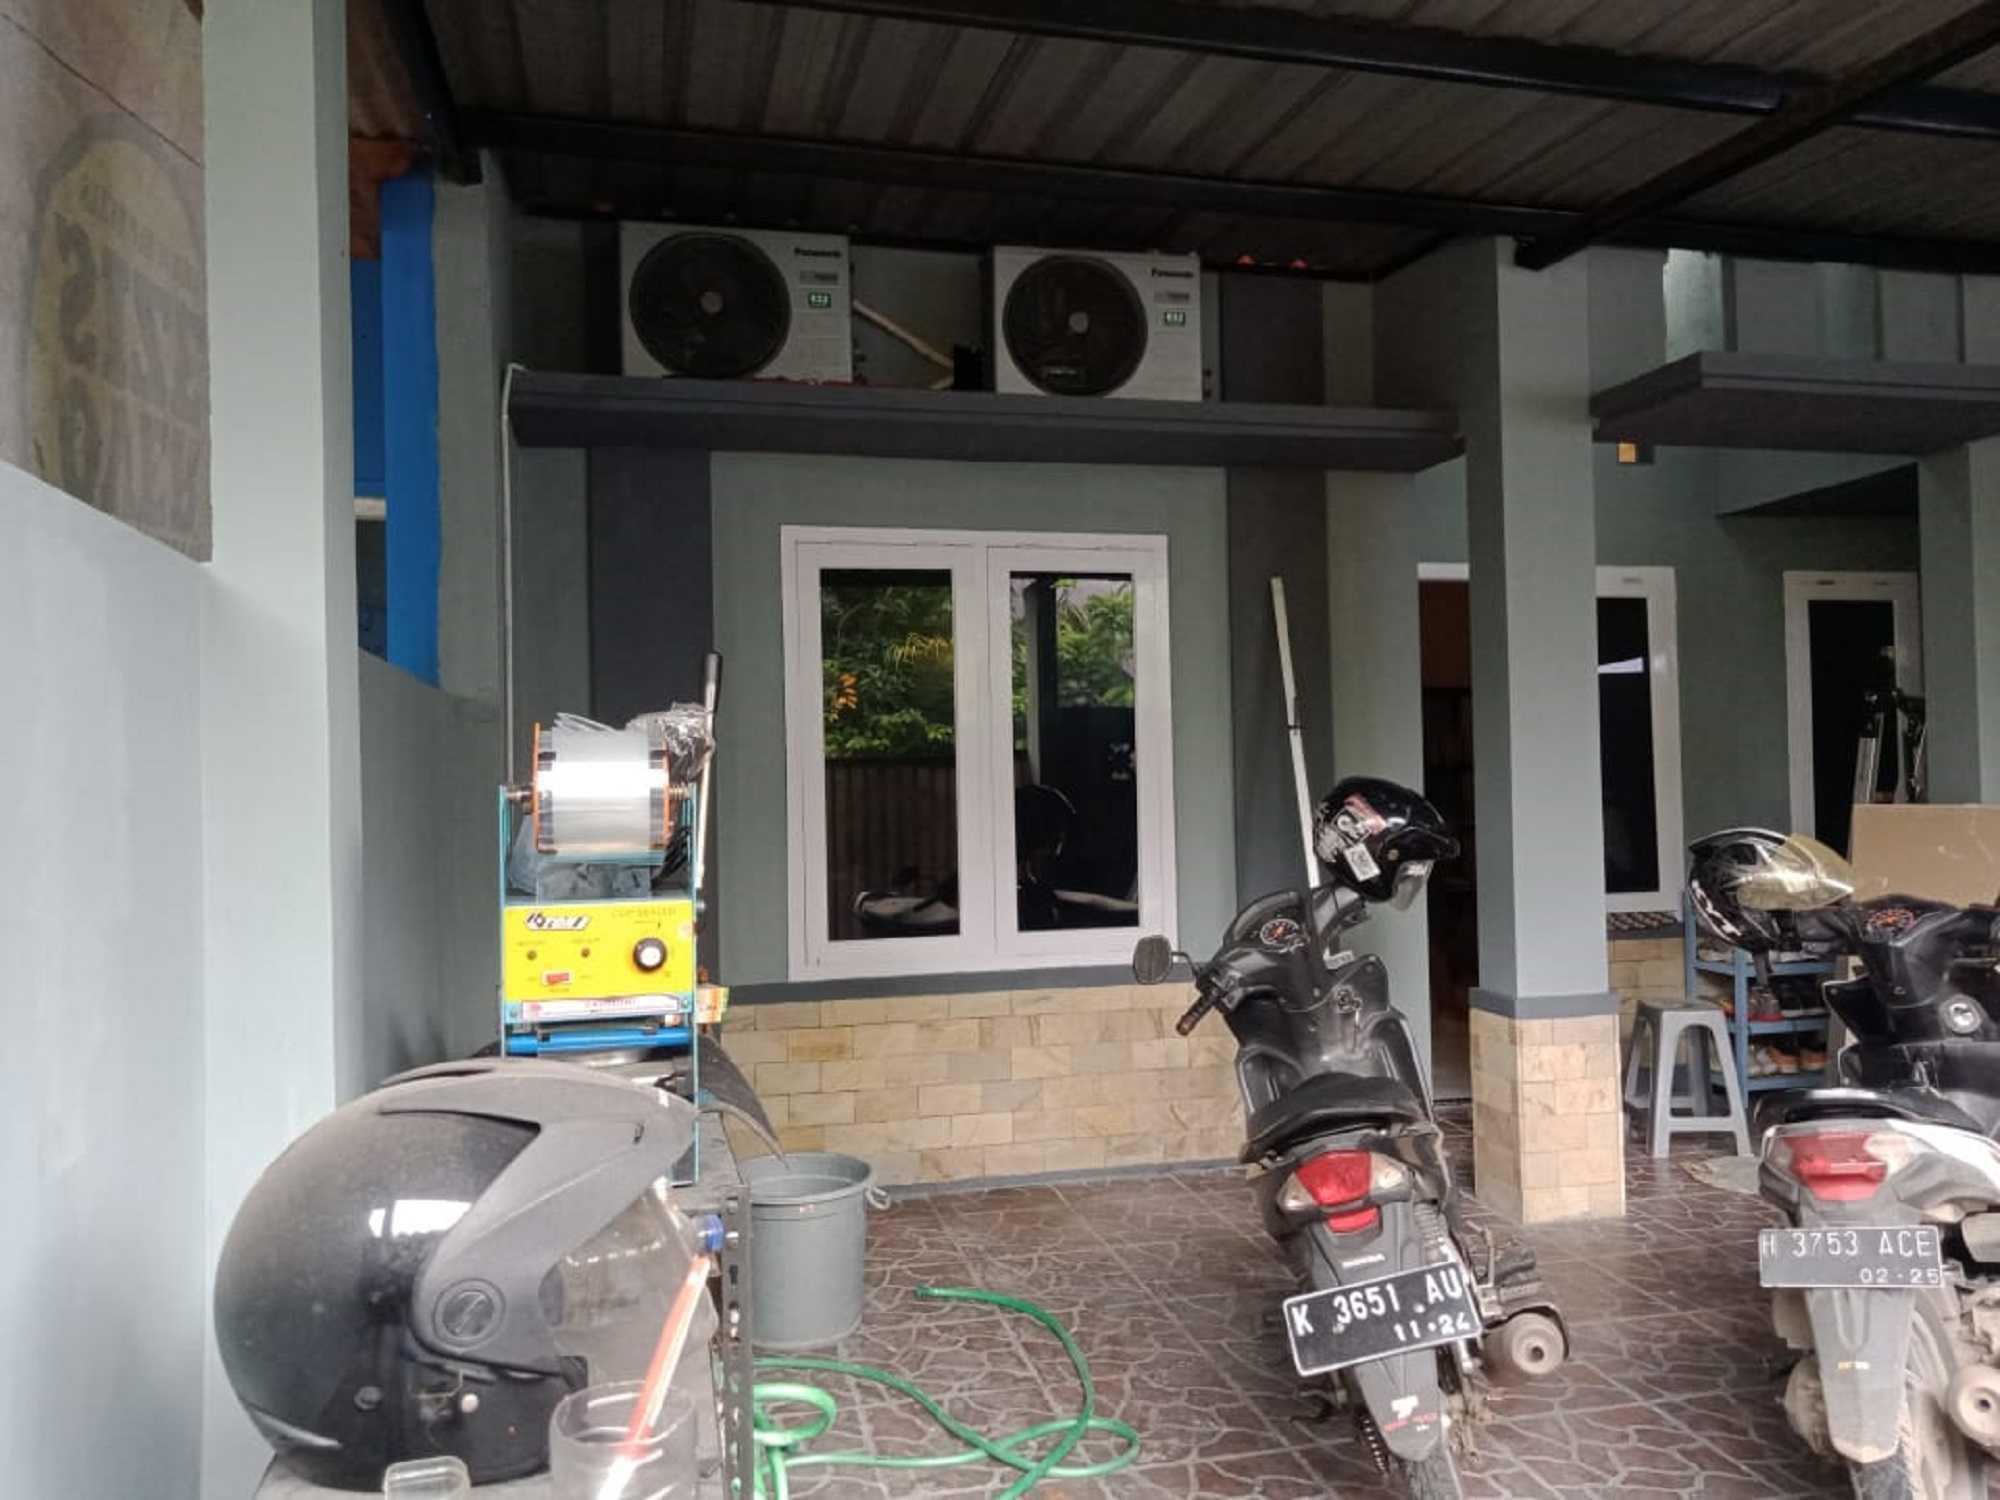 Rekoo Indonesia Repaint Rumah Semarang, Kota Semarang, Jawa Tengah, Indonesia Semarang, Kota Semarang, Jawa Tengah, Indonesia Rekoo-Indonesia-Repaint-Rumah  133259